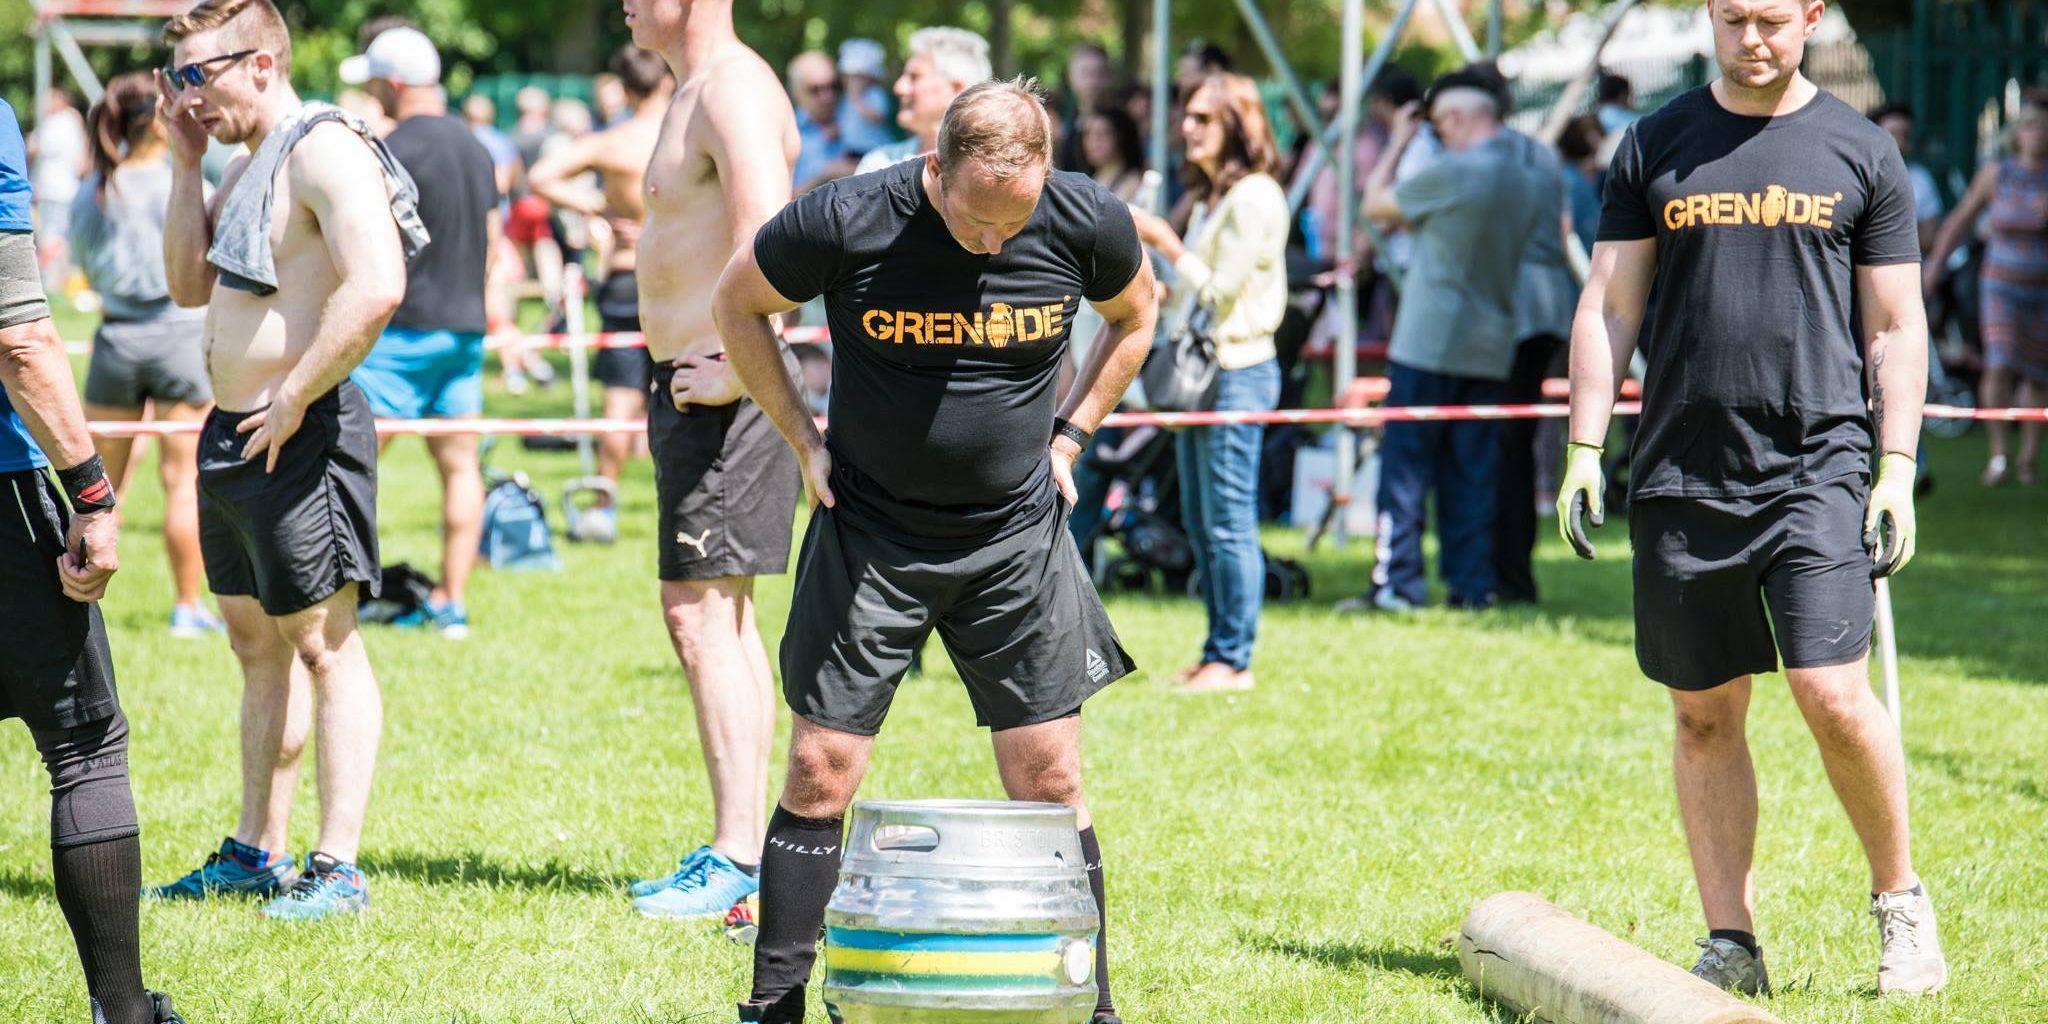 60kg Log Lunge & 50kg Barrel carry